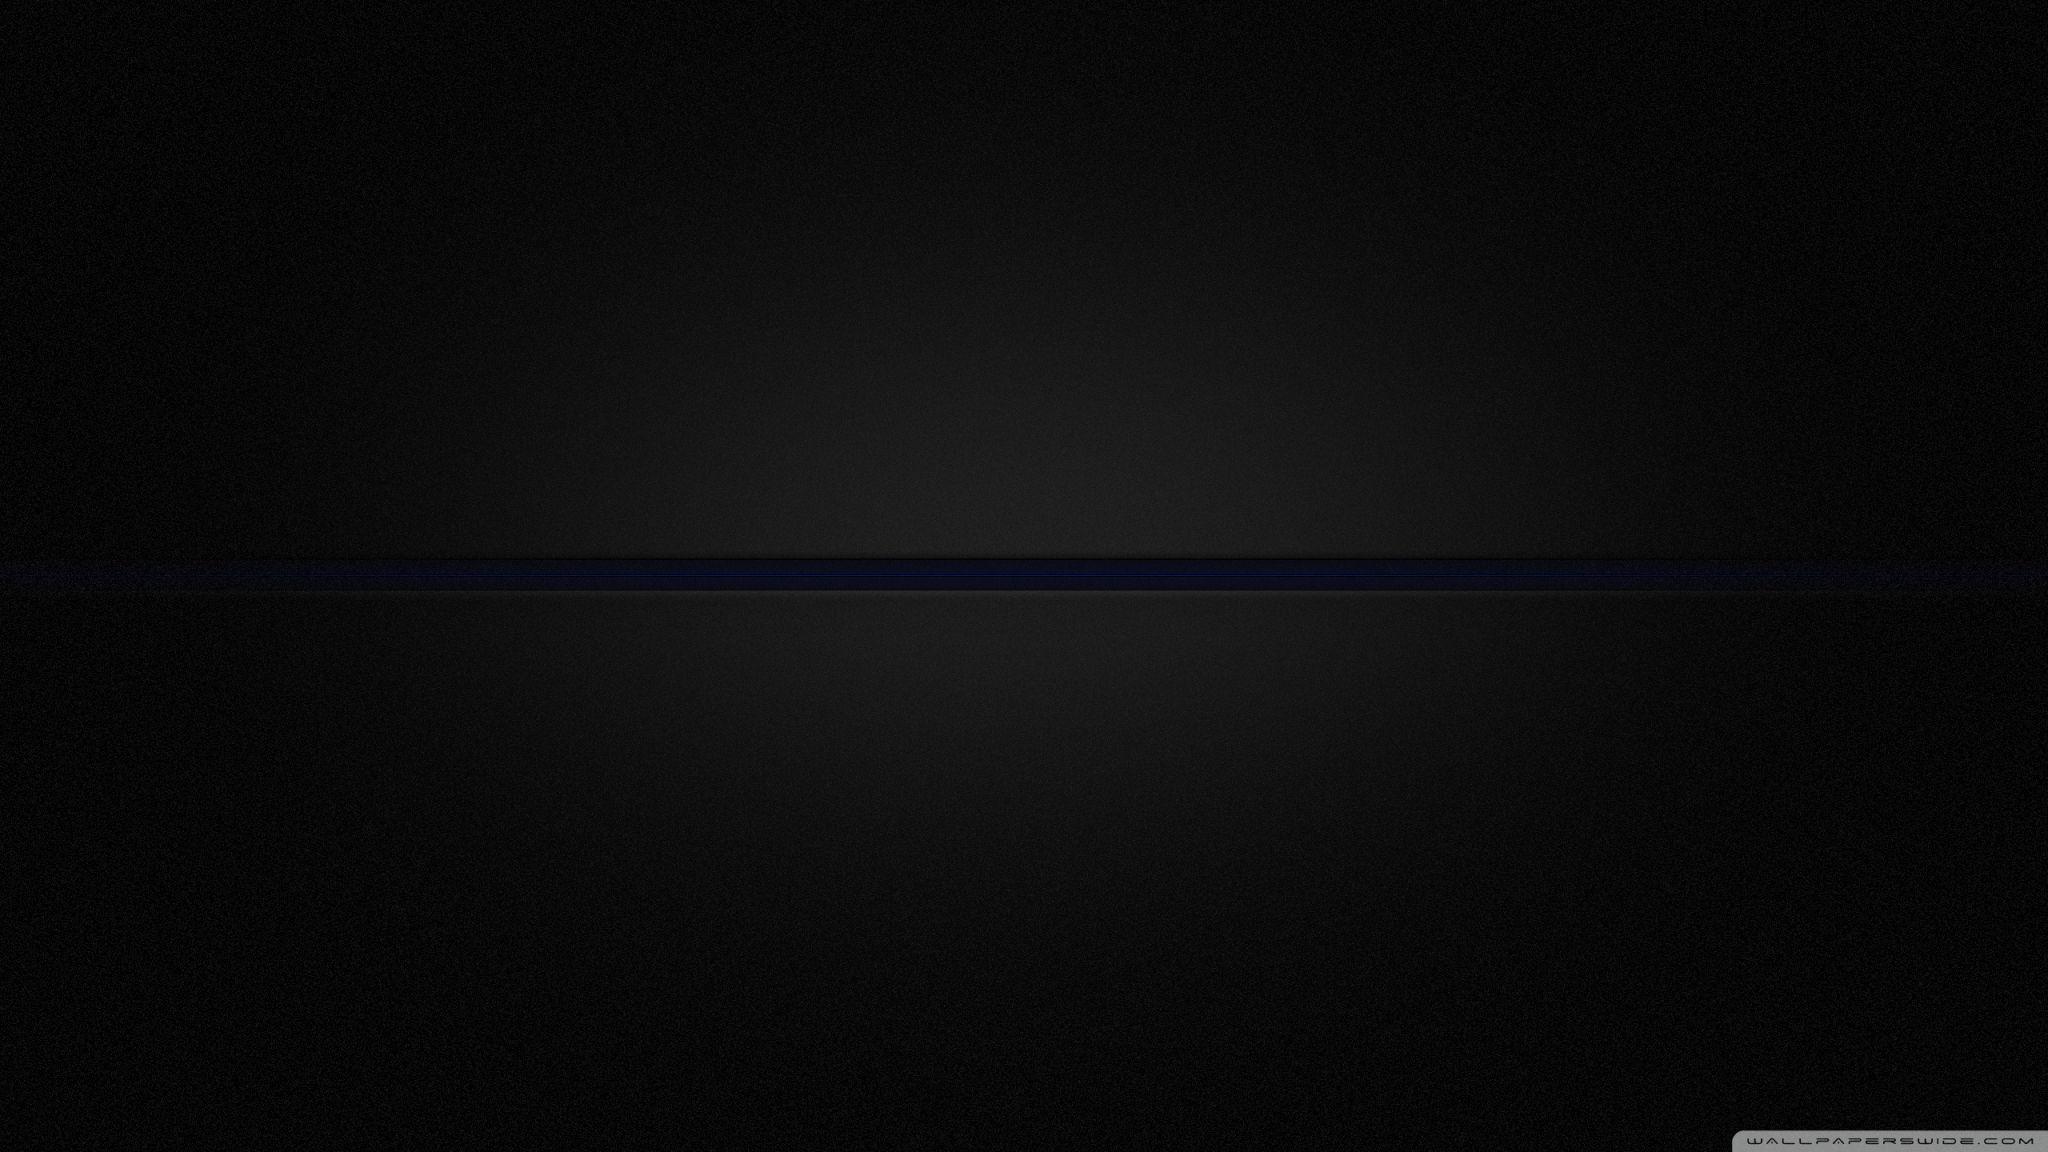 2048x1152 Blue Background 2048x1152 2560x1440 2048x1152 Papel De Parede Youtube Pasta De Papel De Parede Papel De Parede Preto